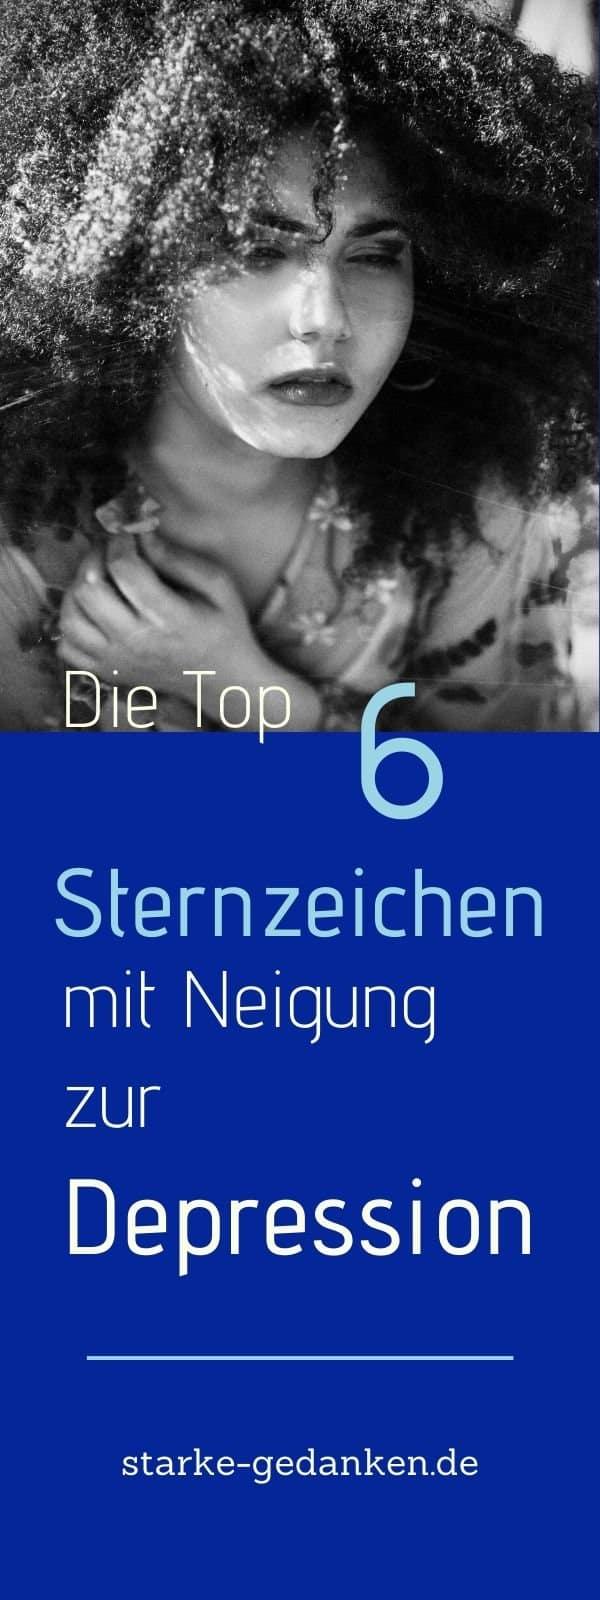 Die Top 6 Sternzeichen mit Neigung zur Depression